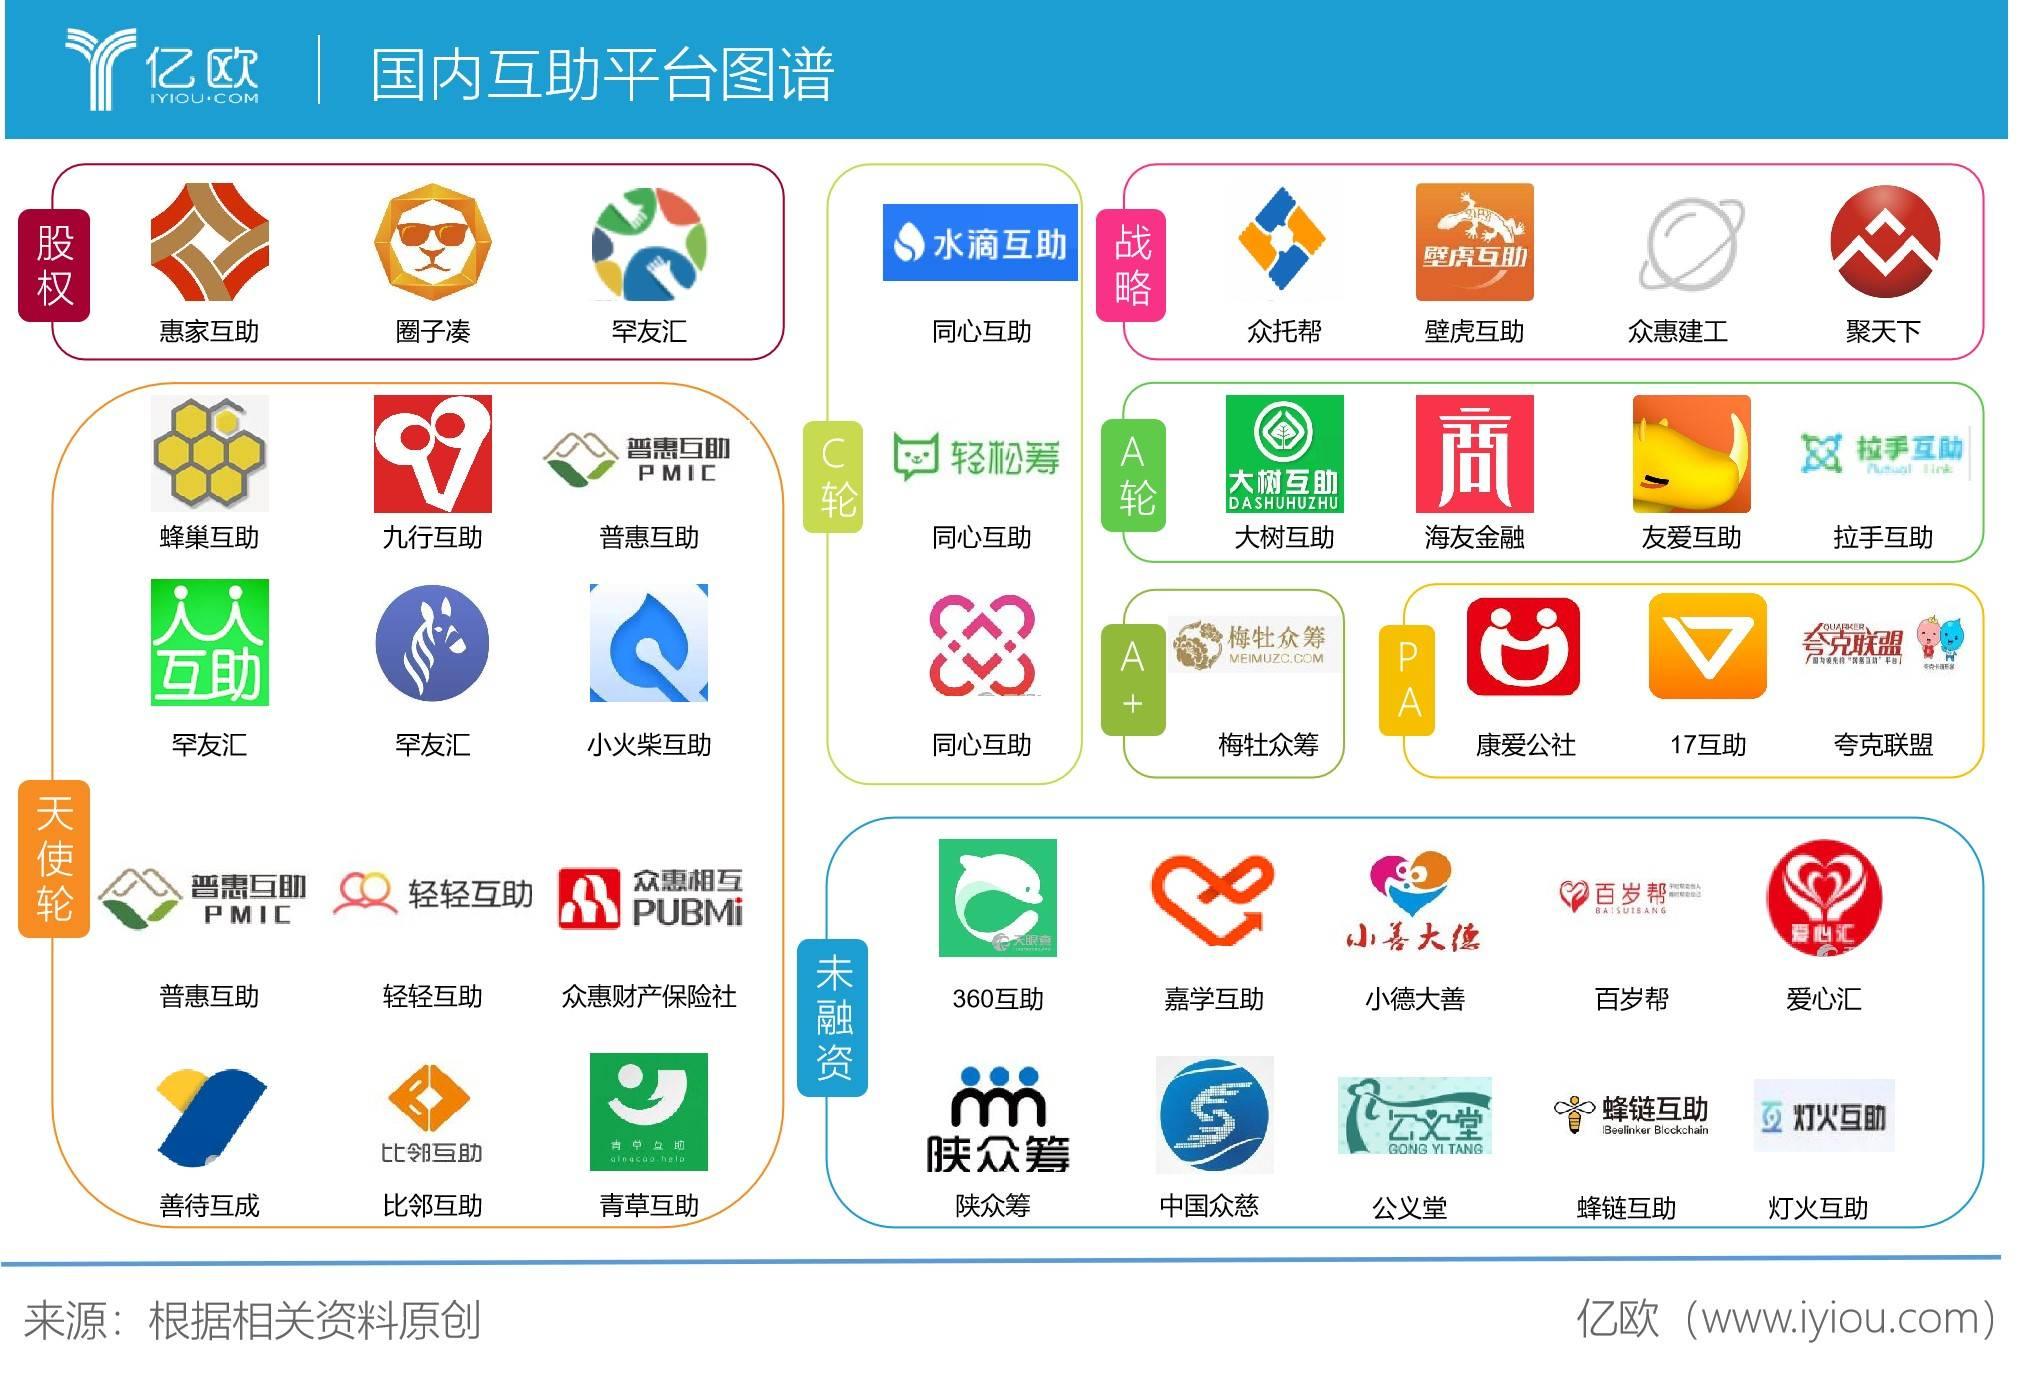 国内互助平台图谱